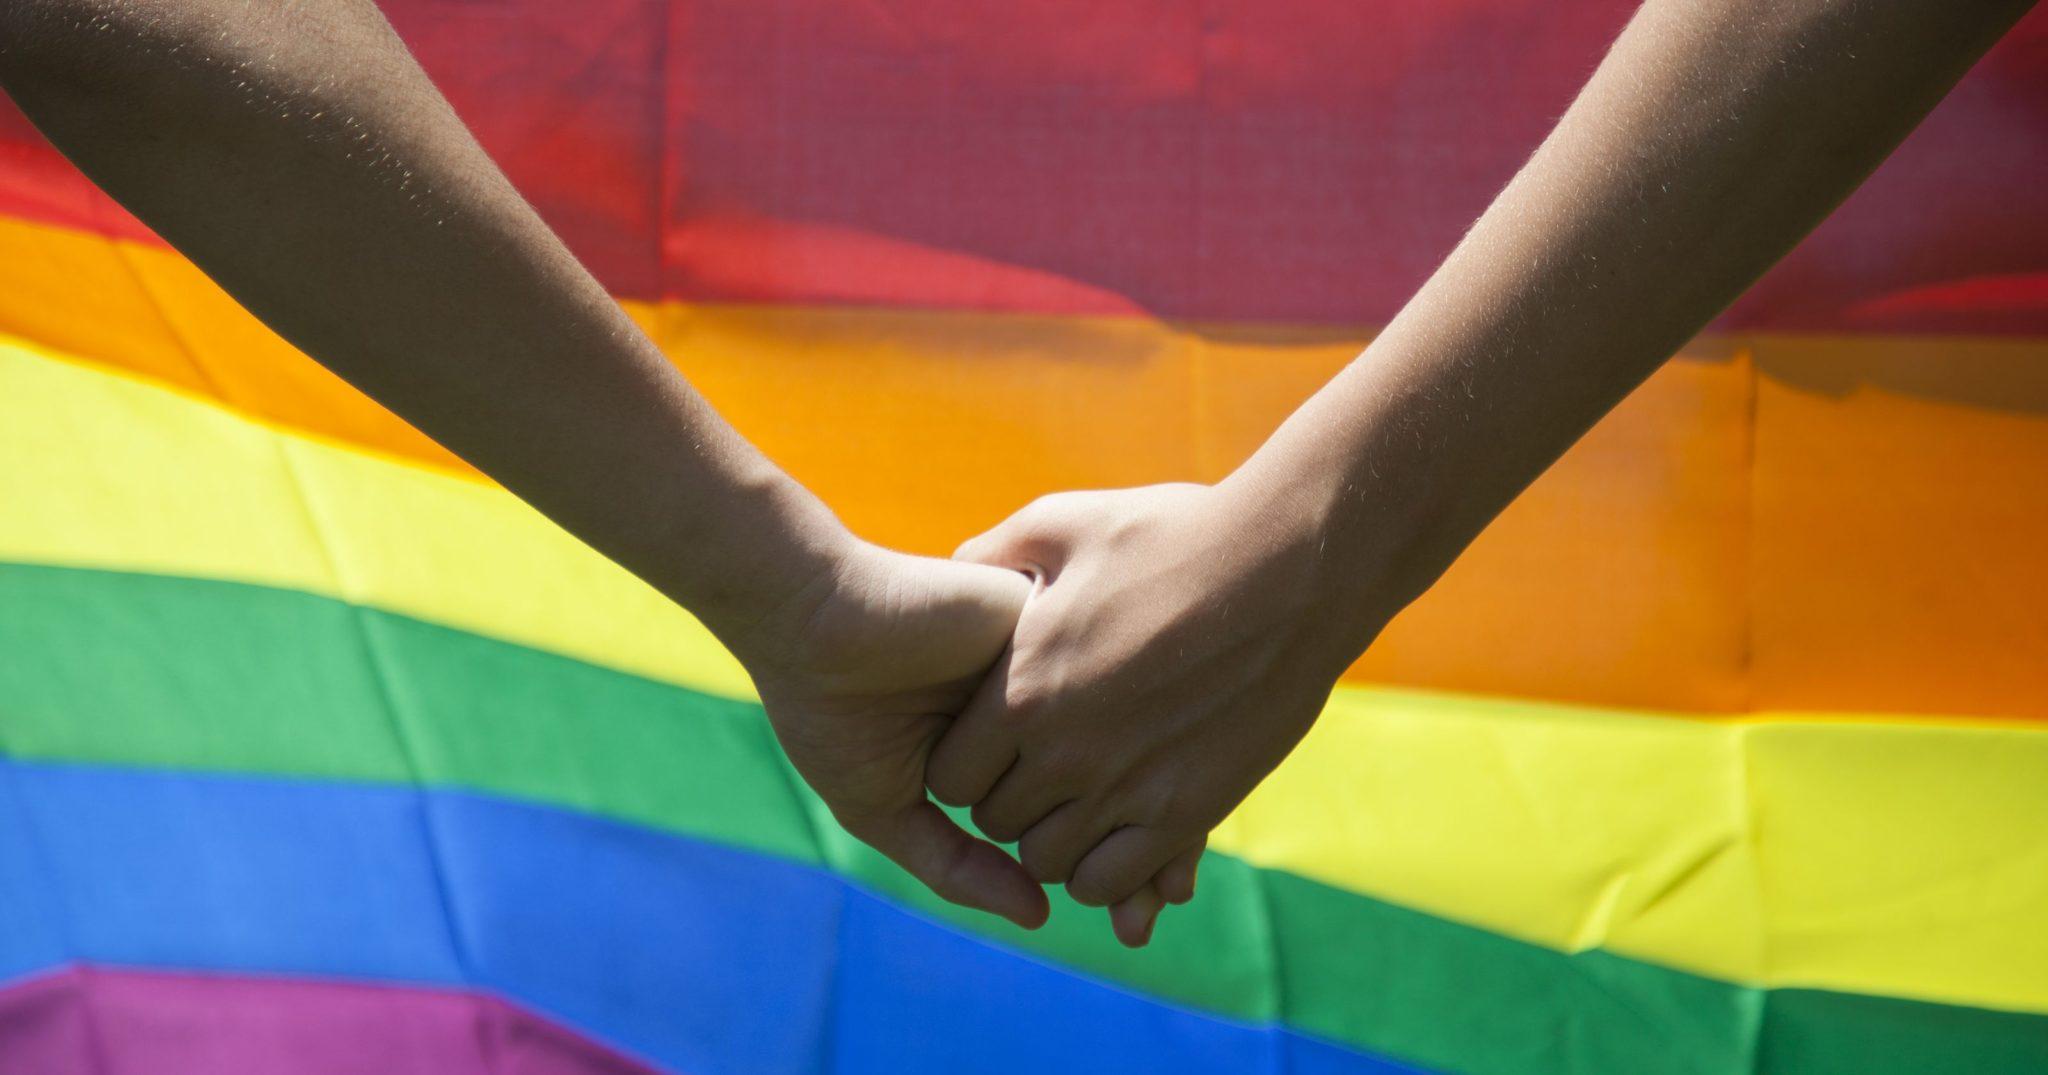 Empresas que discriminarem LGBTs no Distrito Federal poderão ser fechadas